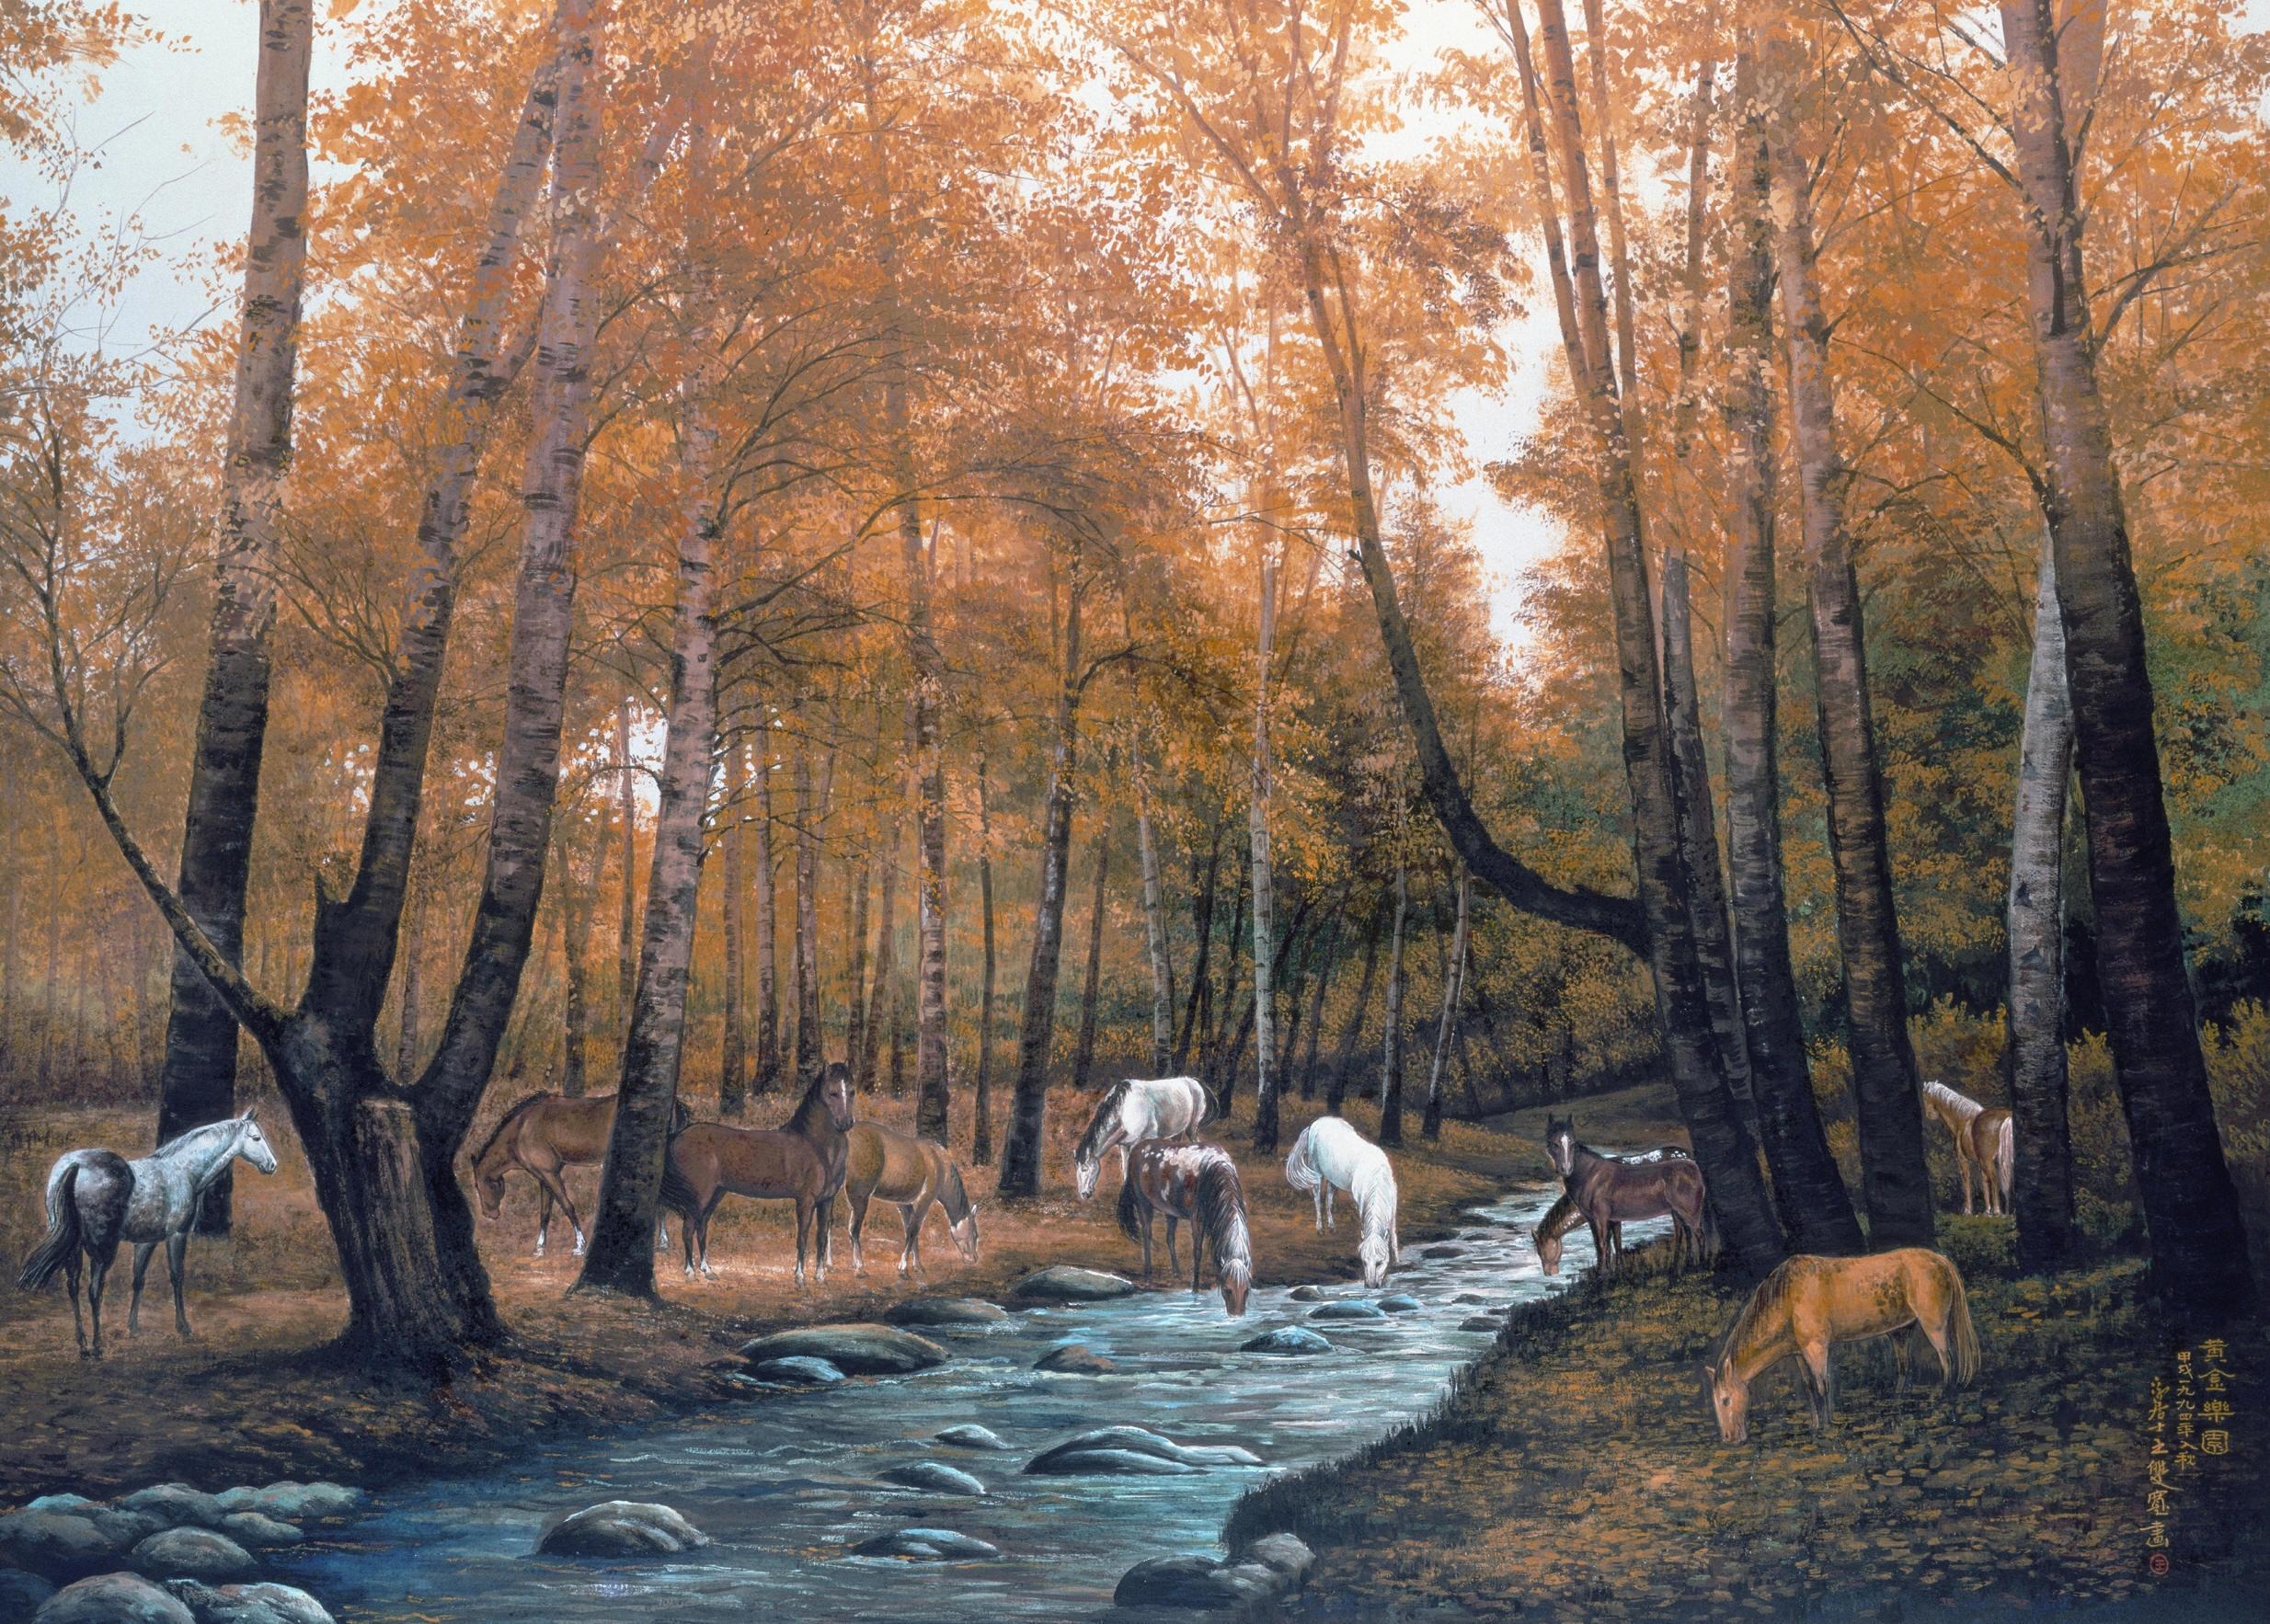 scenic wallpaper murals   wwwhigh definition wallpapercom 2468x1766